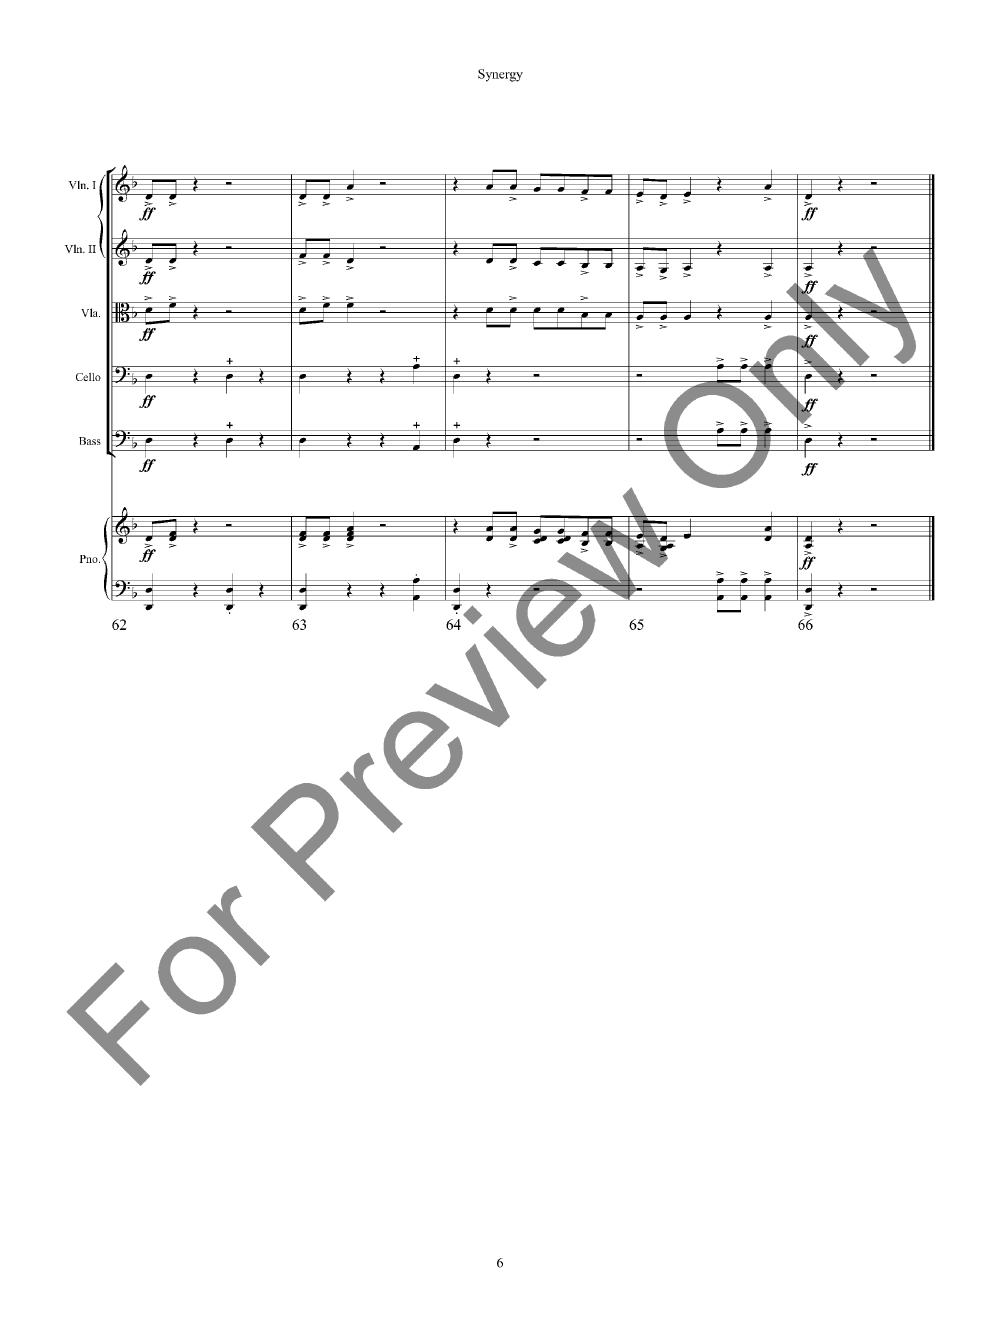 Synergy by Ben Snoek  J.W. Pepper Sheet Music